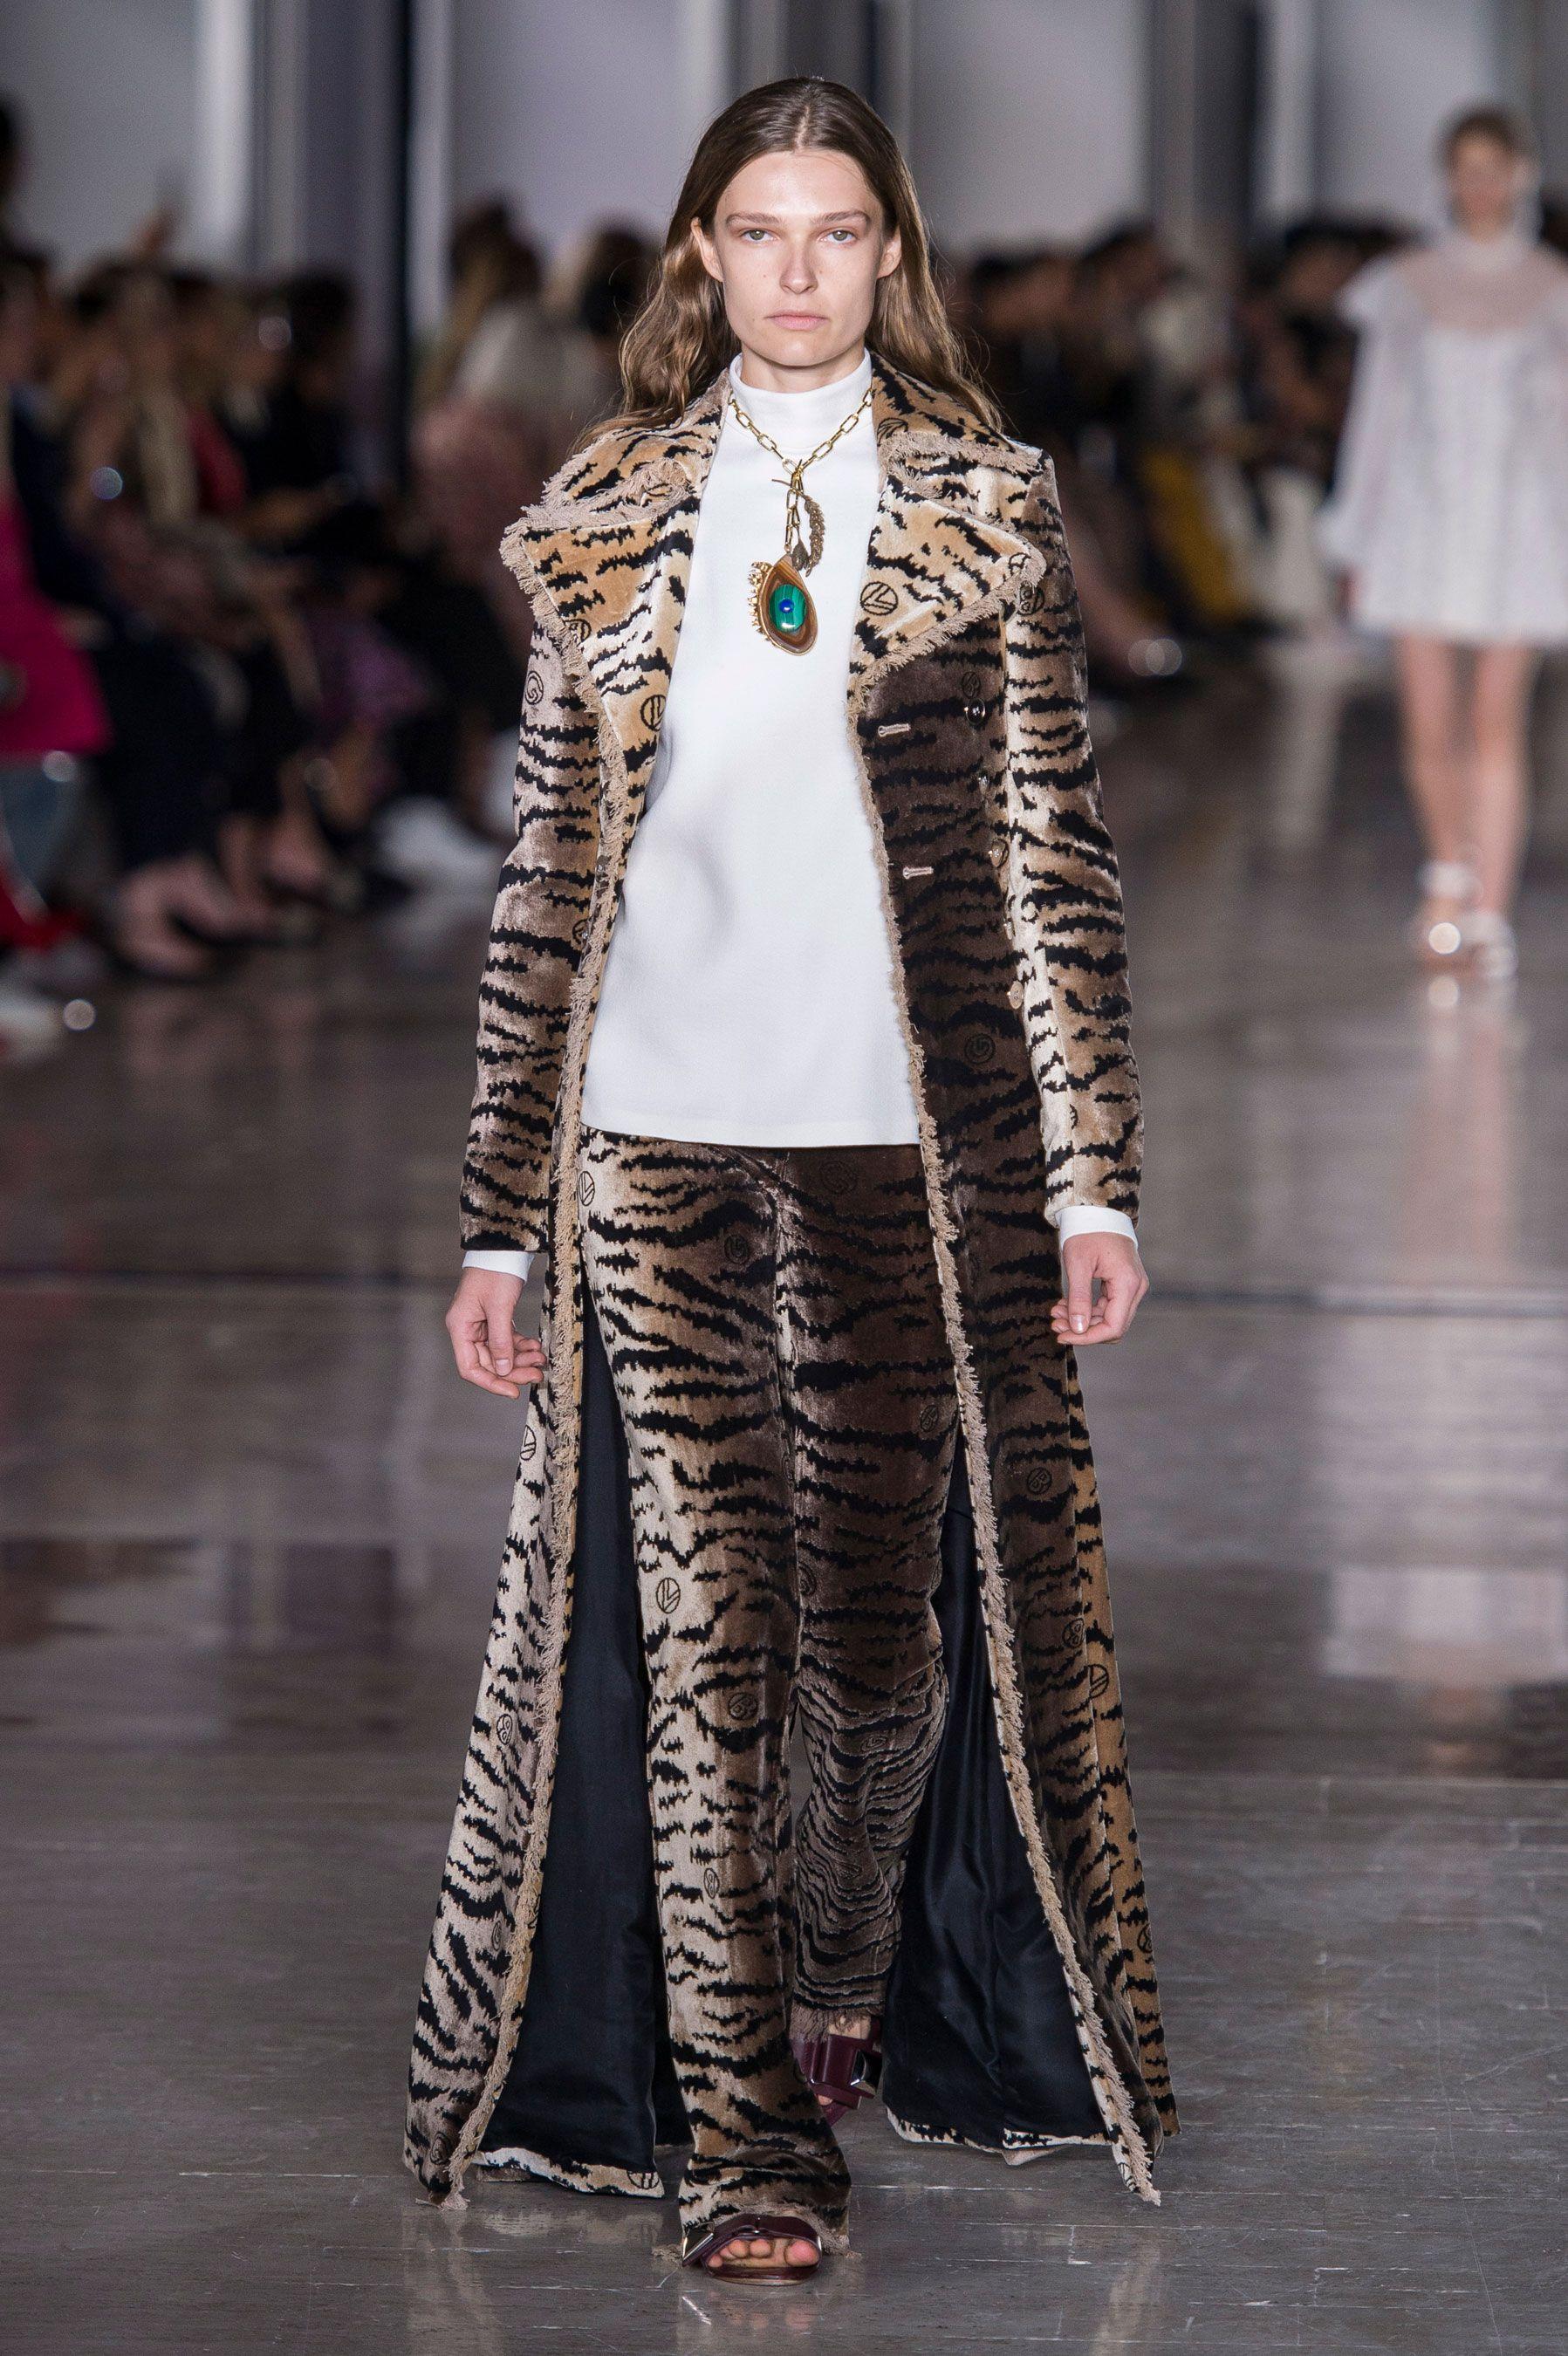 Giambattista Valli, Giambattista Valli Women SS 19, Paris fashion week, fashion week, primavera estate 2019, real time women SS 19